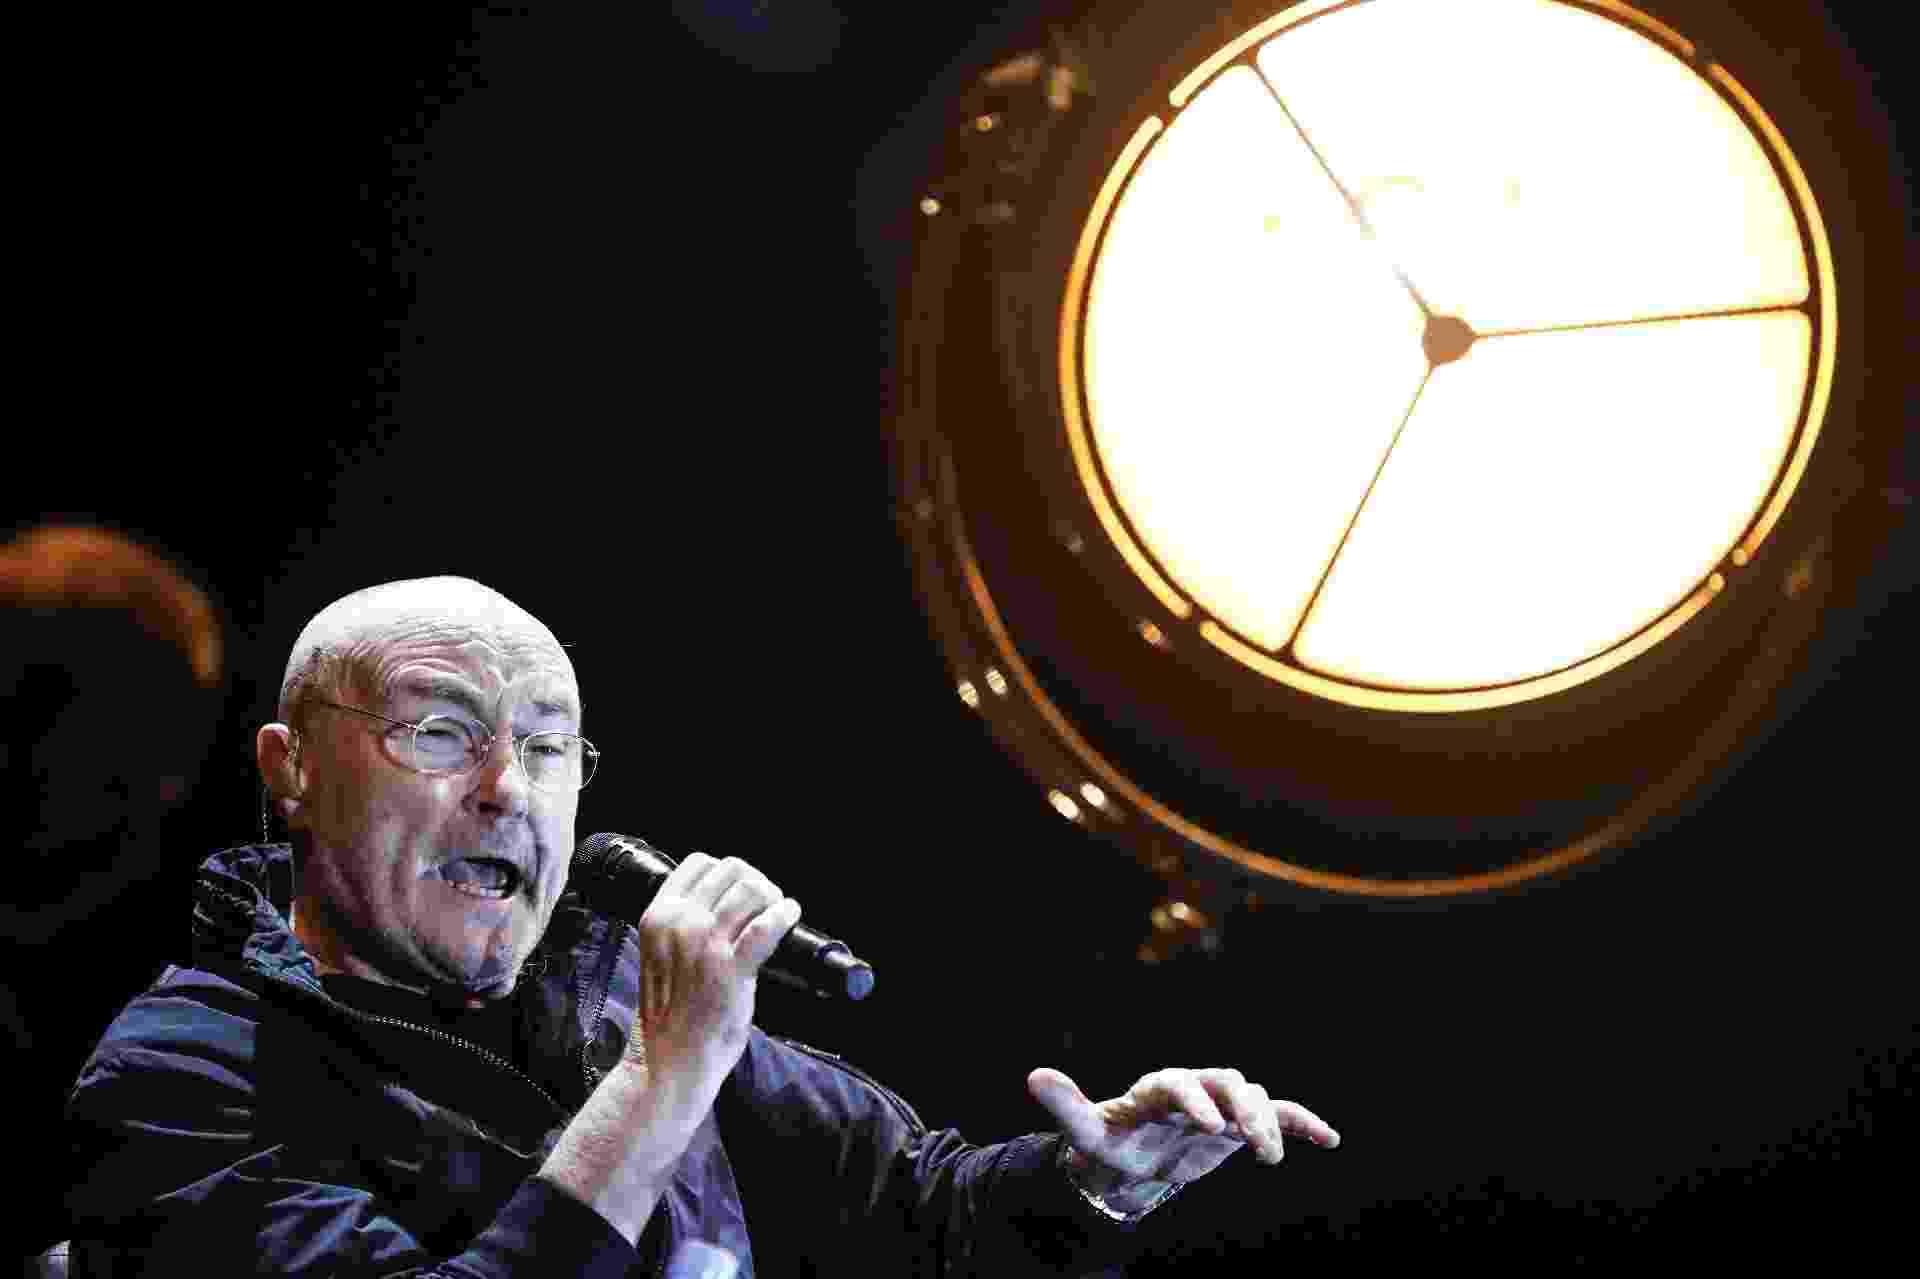 """Após uma década longe dos palcos, o músico britânico, ex-vocalista e baterista da banda Genesis, voltou ao Brasil com a turnê """"The Legendary Phil Collins Live"""" - Lucas Lima/UOL"""